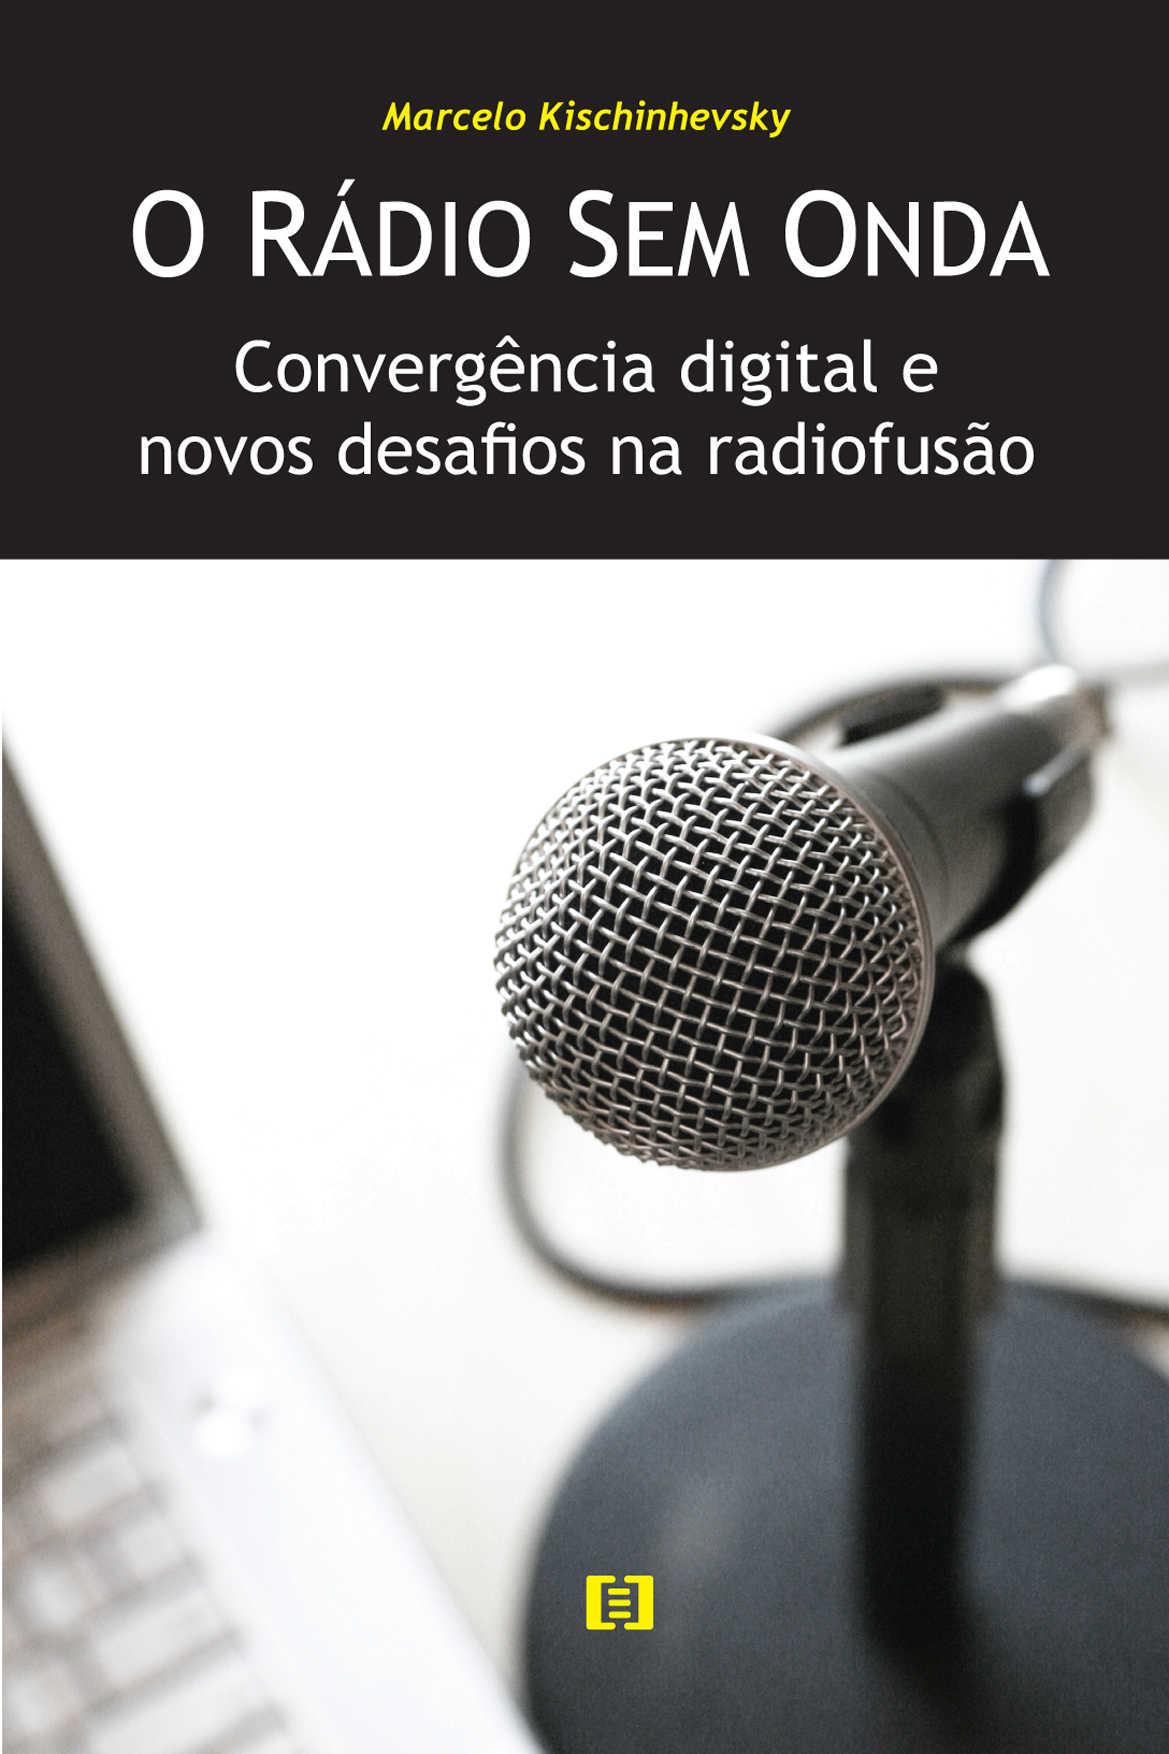 O rádio sem onda: Convergência digital e novos desafios na radiofusão